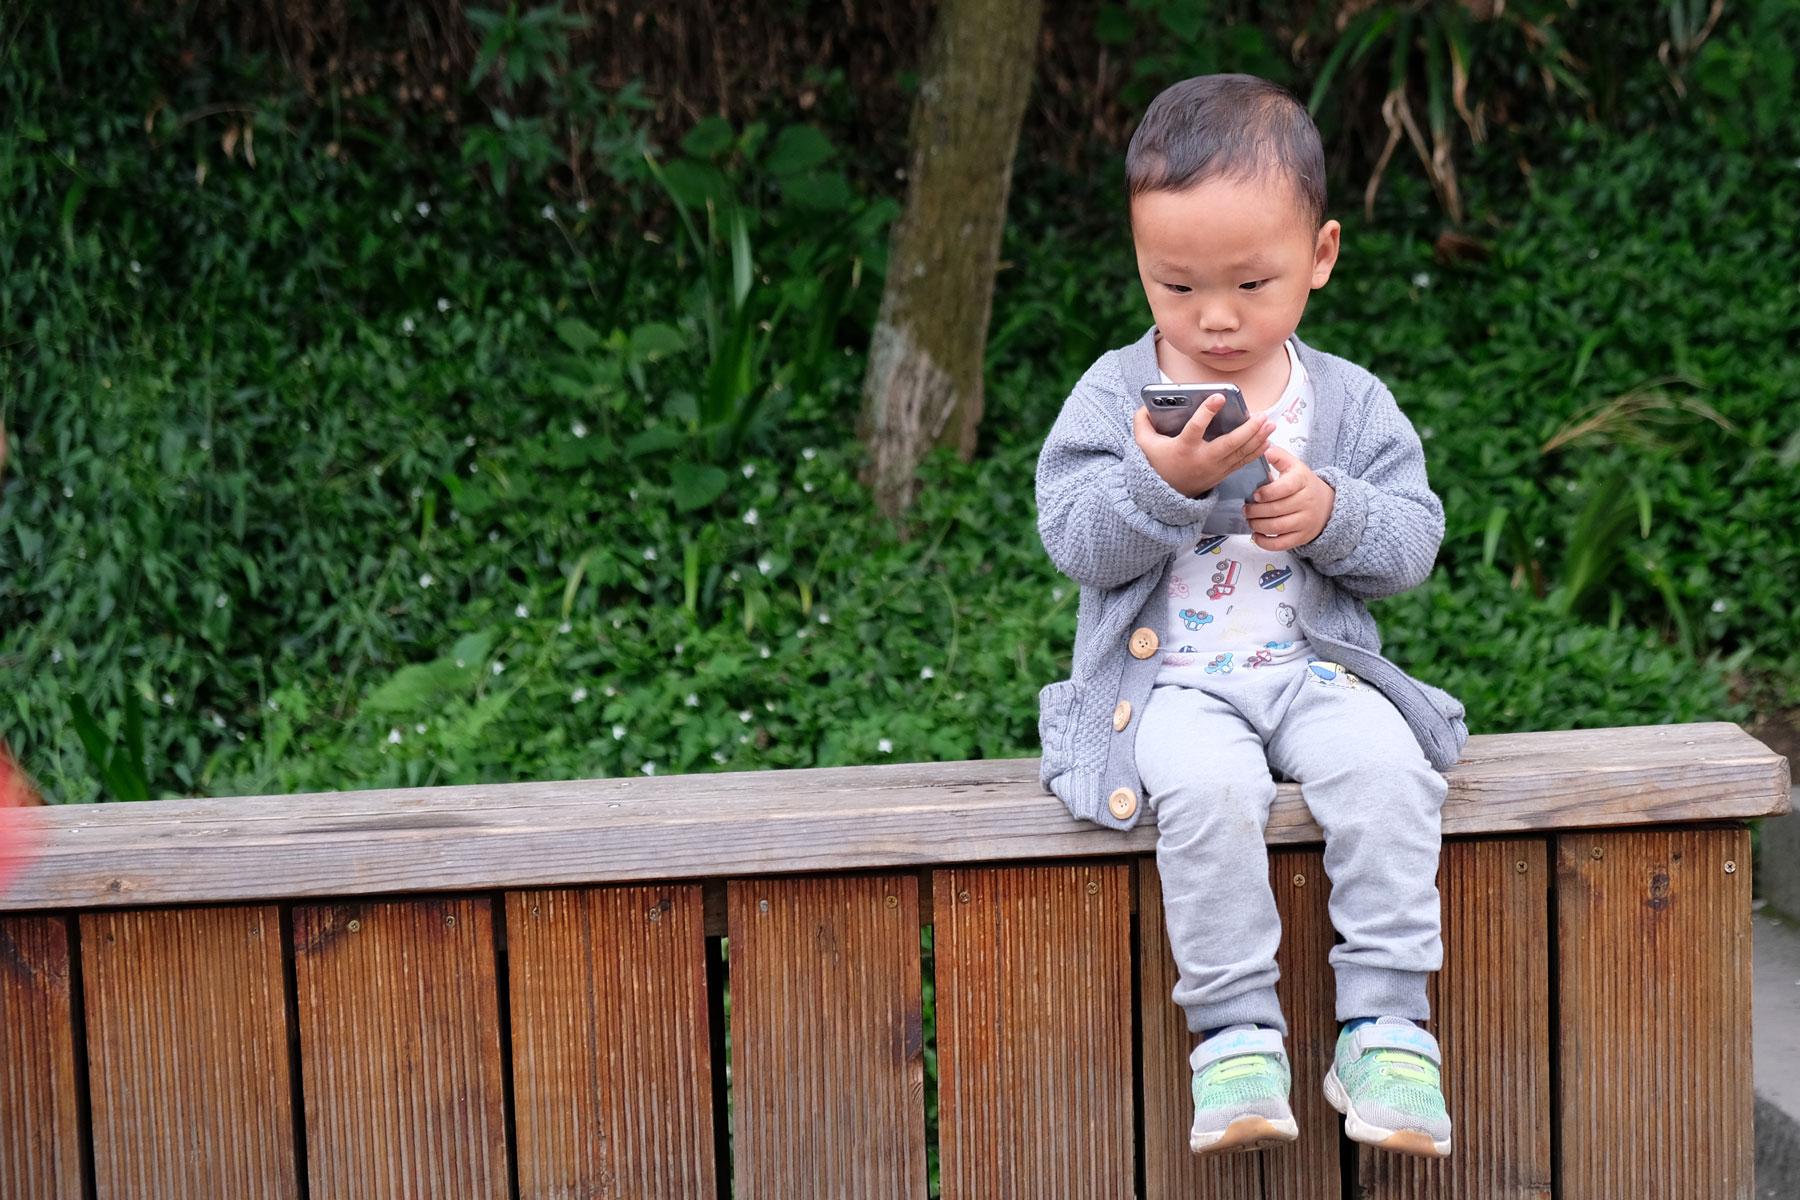 Ein chinesischer Junge sitzt auf einer Holzbank und hält ein Handy in der Hand.